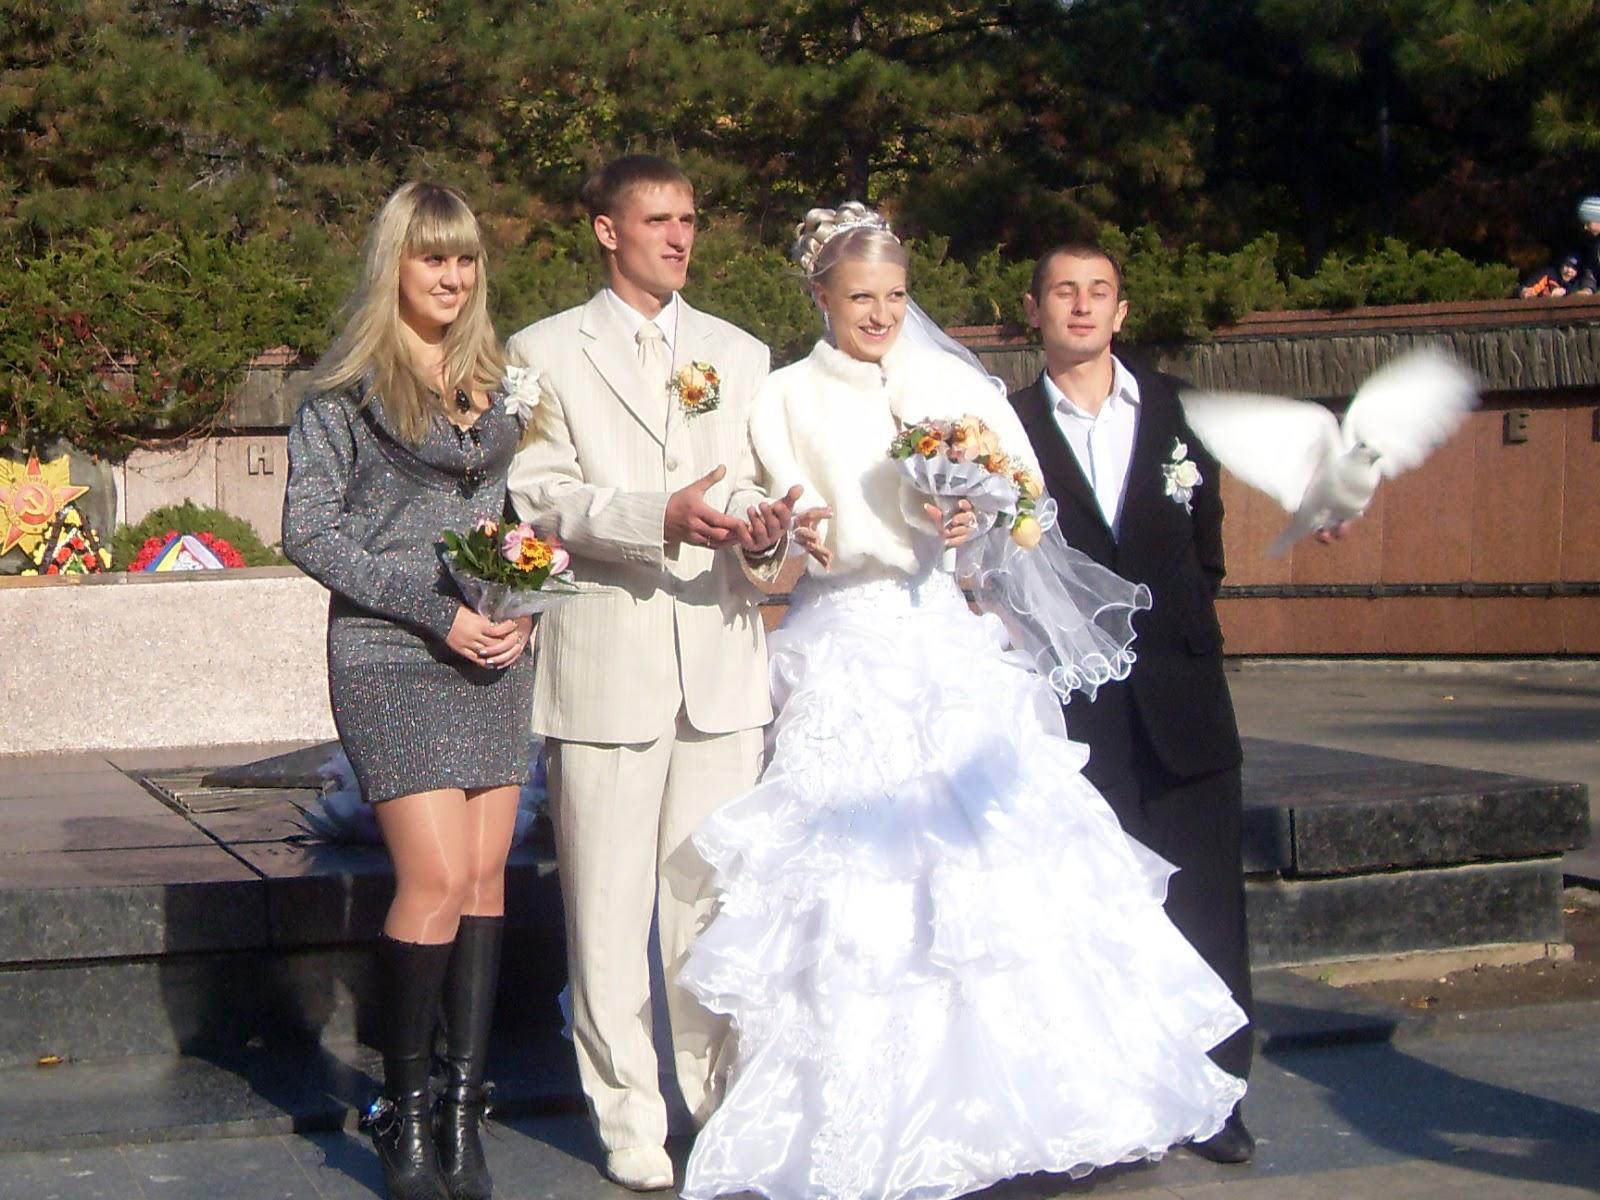 Фото девушек со свадьбы с дружкой 24 фотография